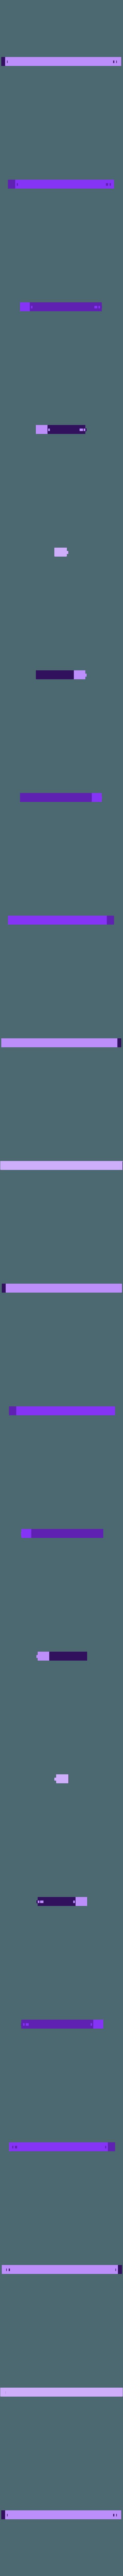 base3dlito.stl Télécharger fichier STL gratuit cadre dessin 3D Cristiano Ronaldo CR7 • Modèle à imprimer en 3D, 3dlito